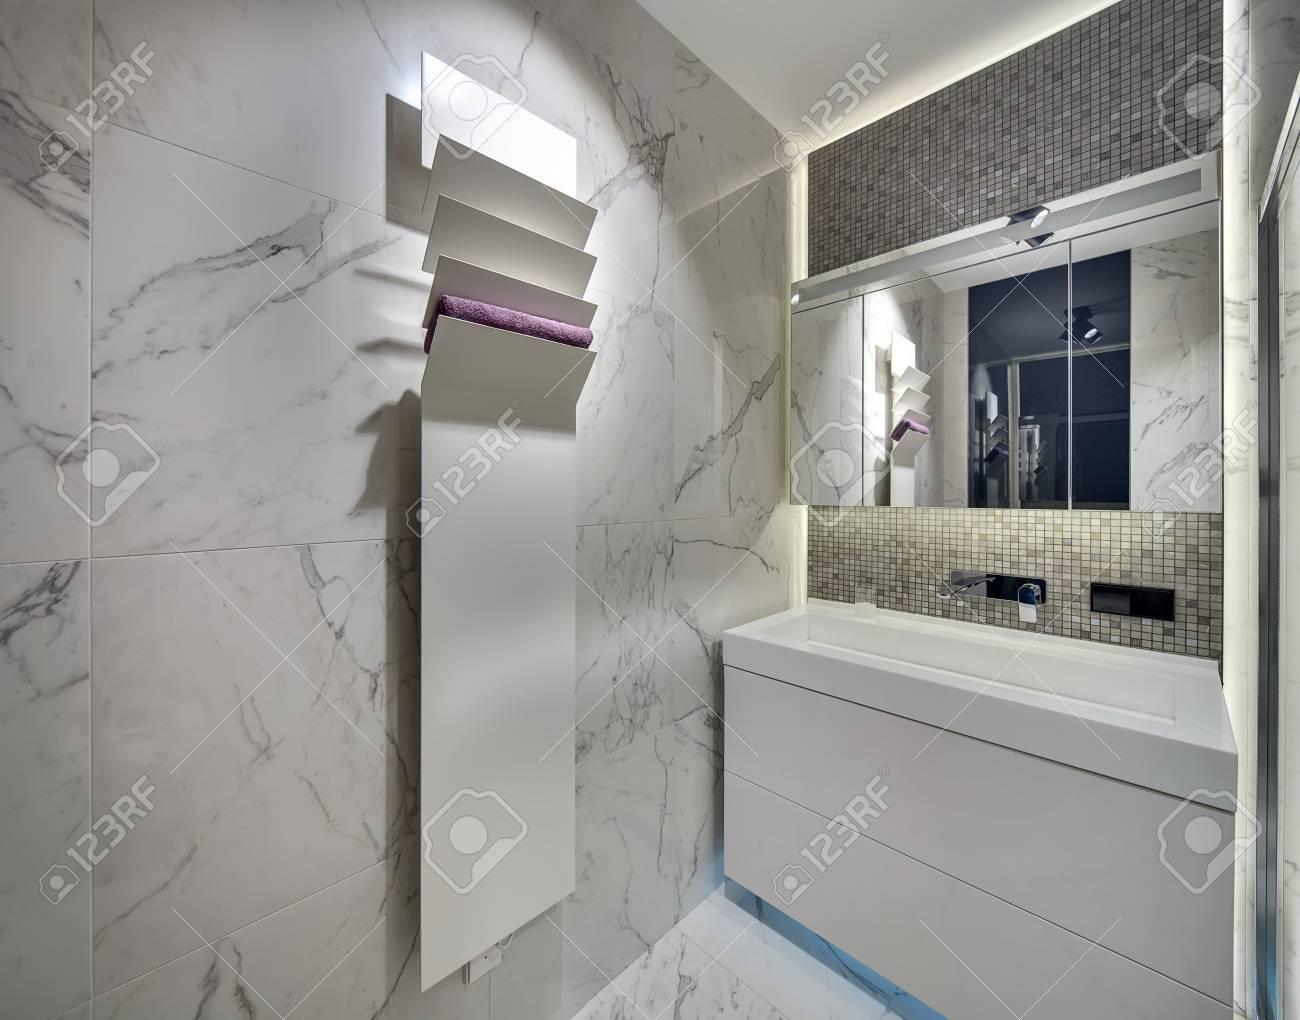 Bagno Con Mosaico Bianco bagno moderno con piastrelle chiare sulle pareti e sul pavimento. c'è un  lavandino bianco con un rubinetto cromato e uno specchio, un supporto  bianco